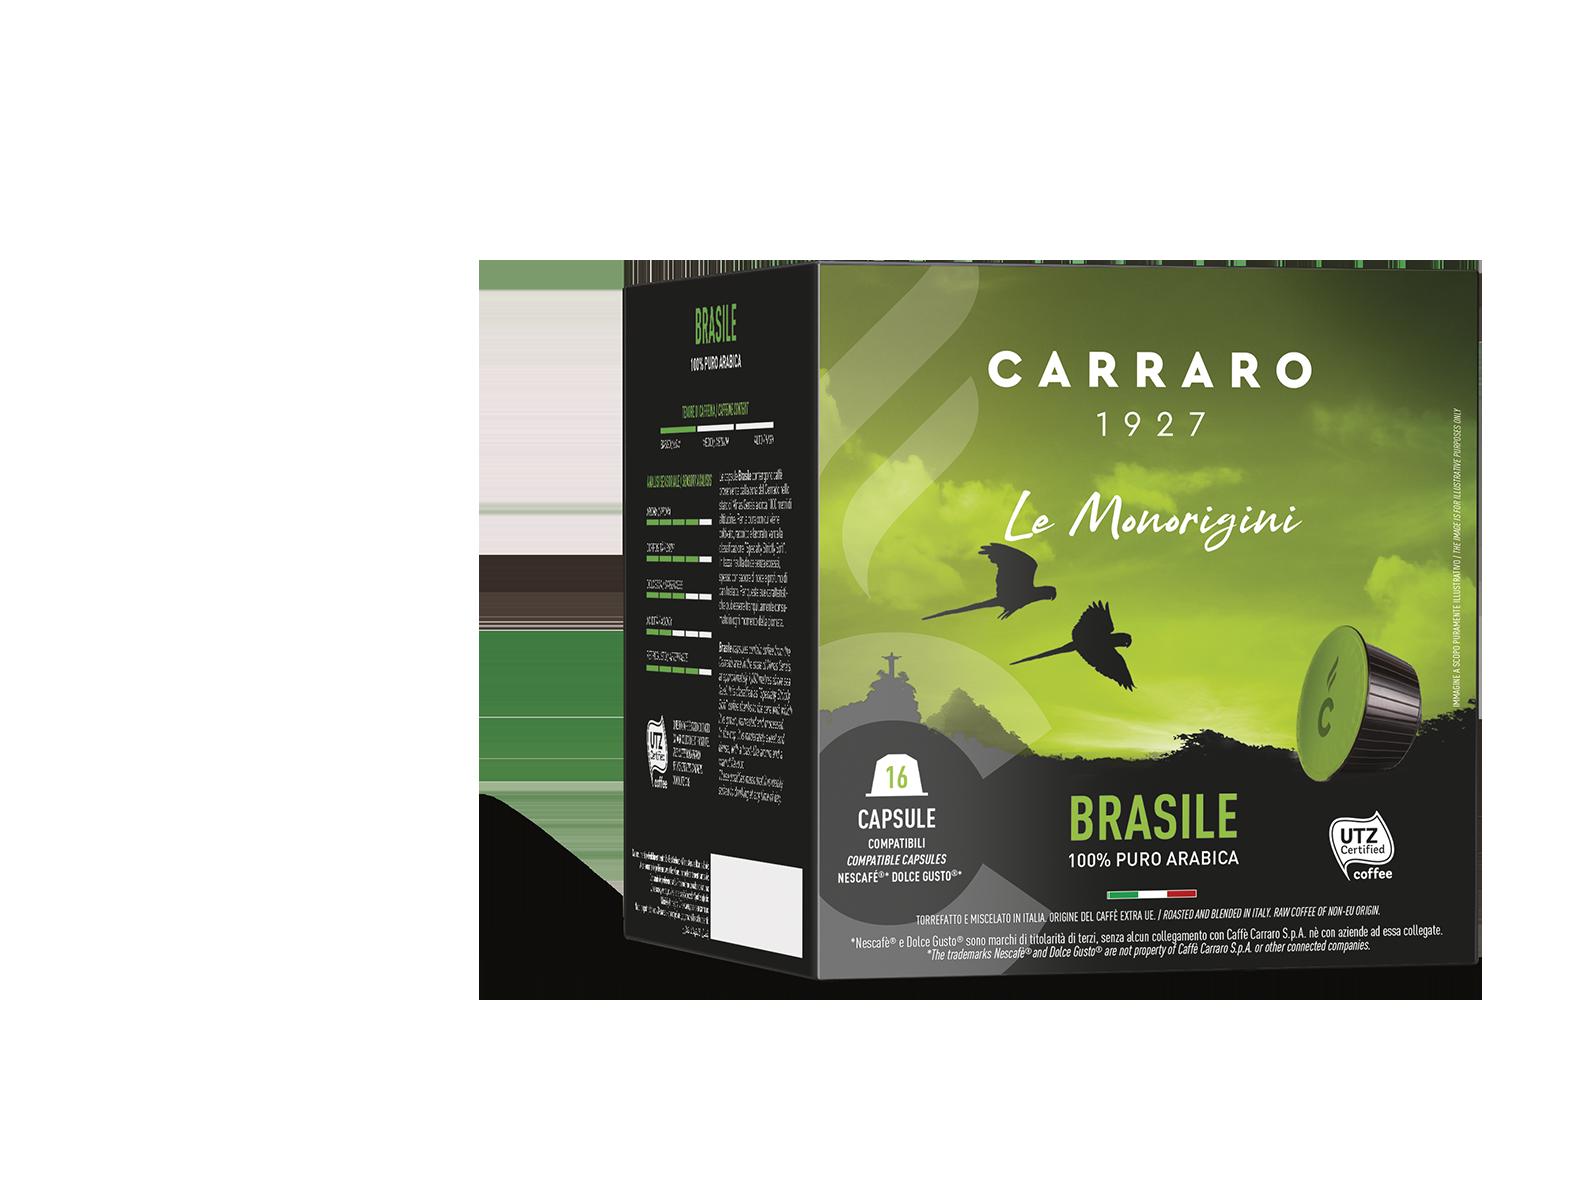 Brasile – 16 capsules